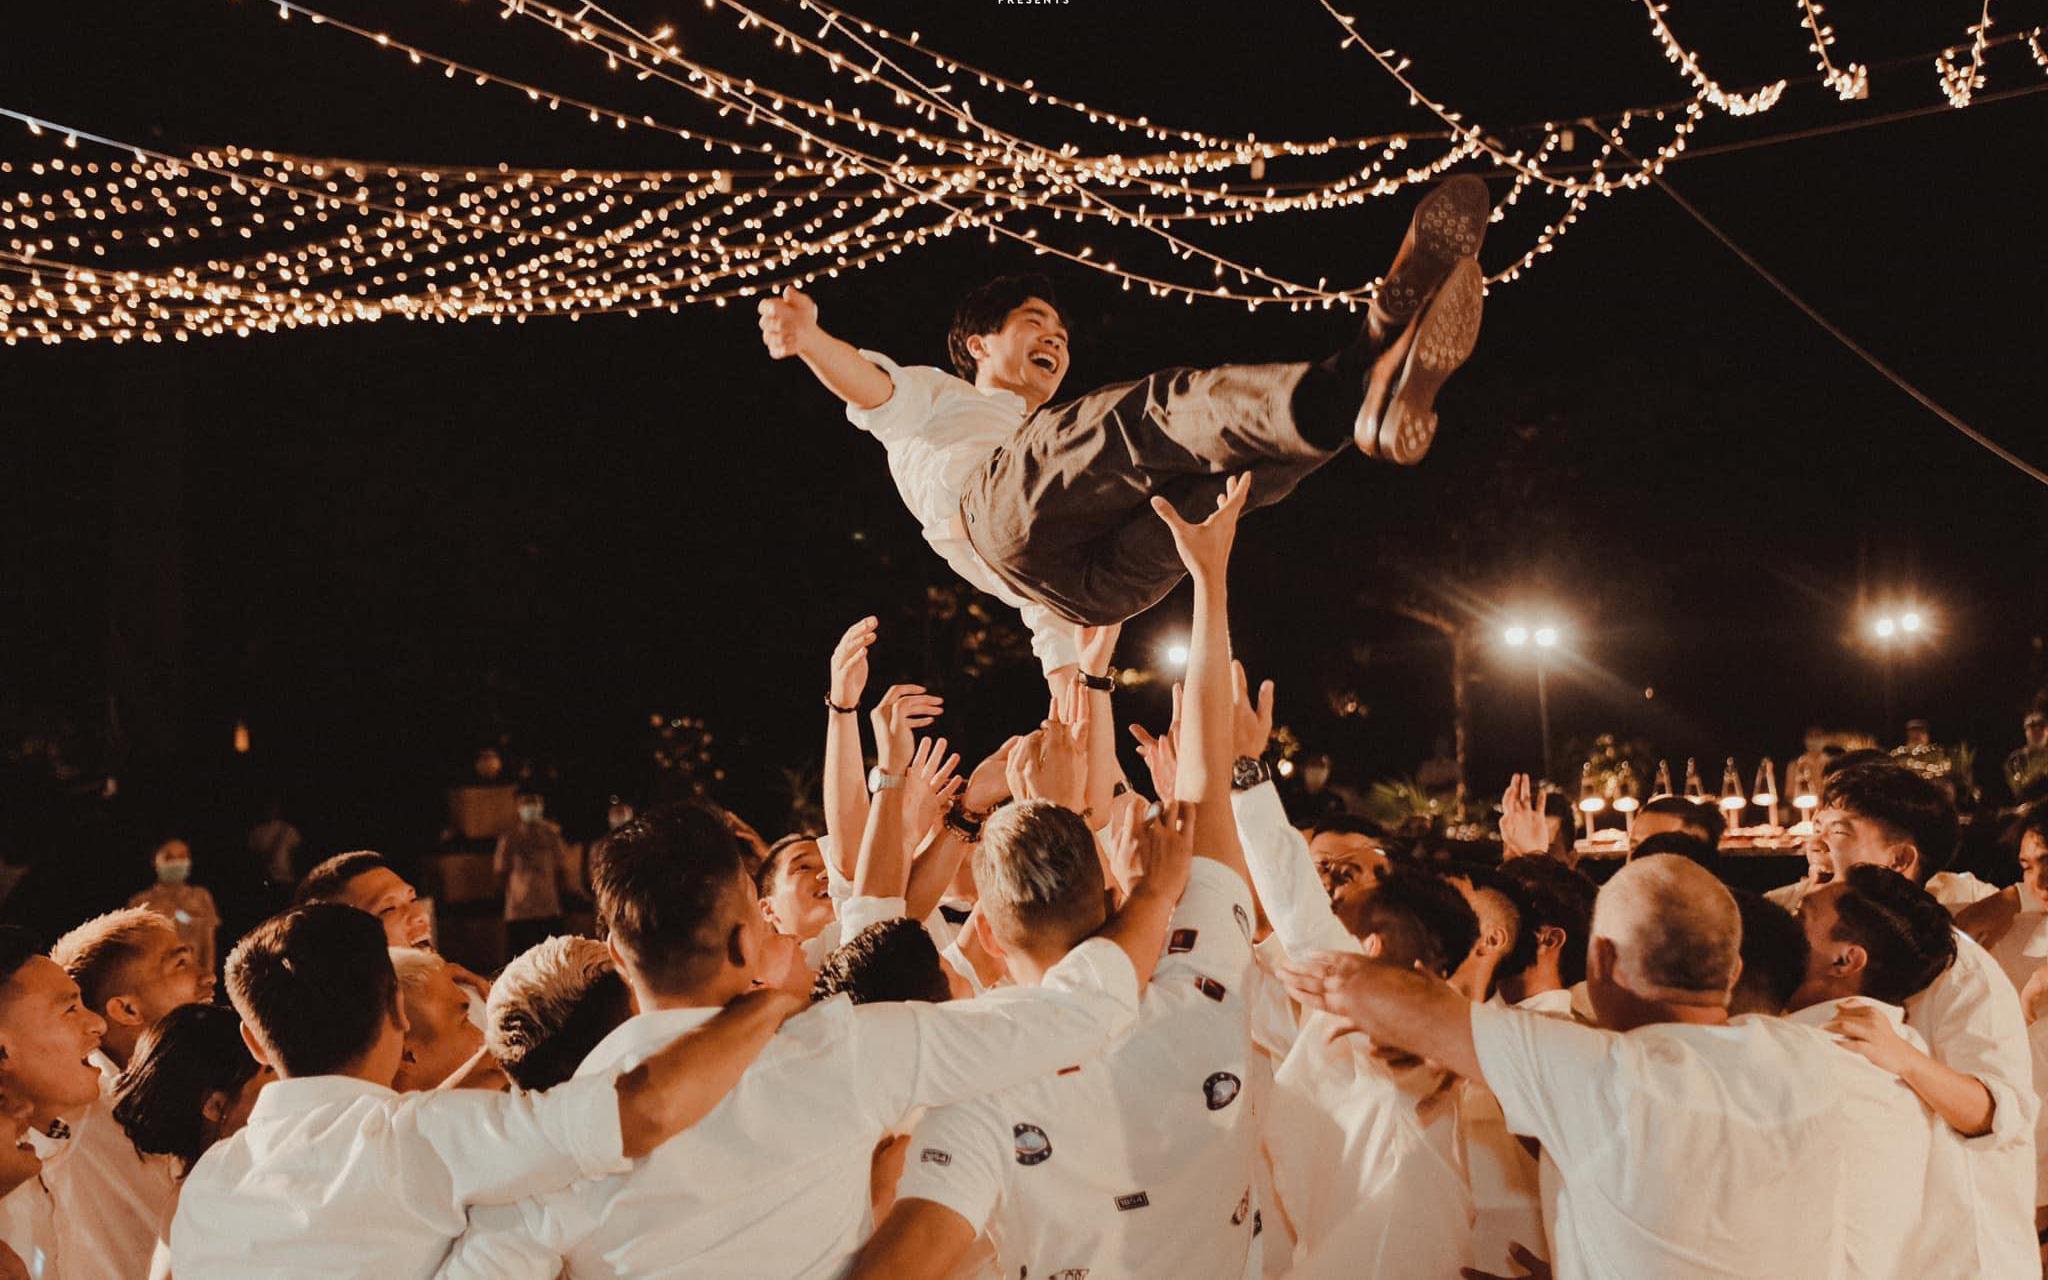 """Công Phượng khép lại đám cưới bằng lời cảm ơn chân thành, ngượng ngùng """"em hát sợ mọi người về hết"""""""